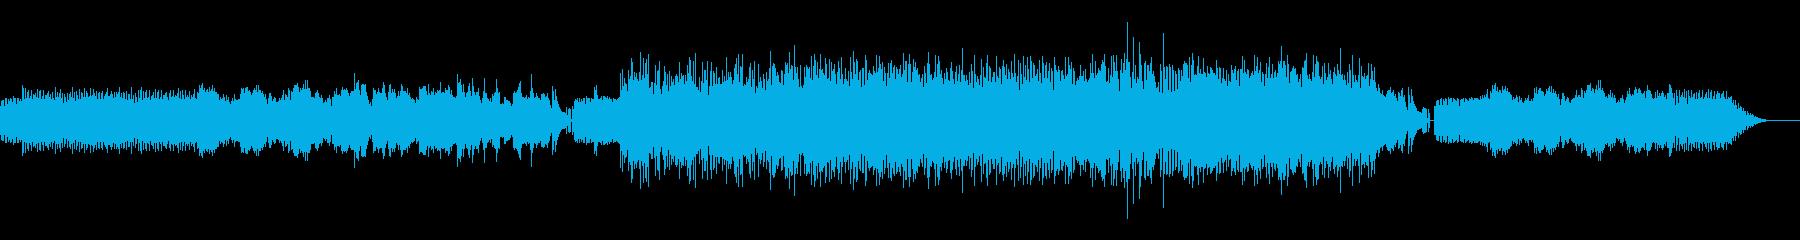 SuS4なアルペジオ。エンディング風味。の再生済みの波形